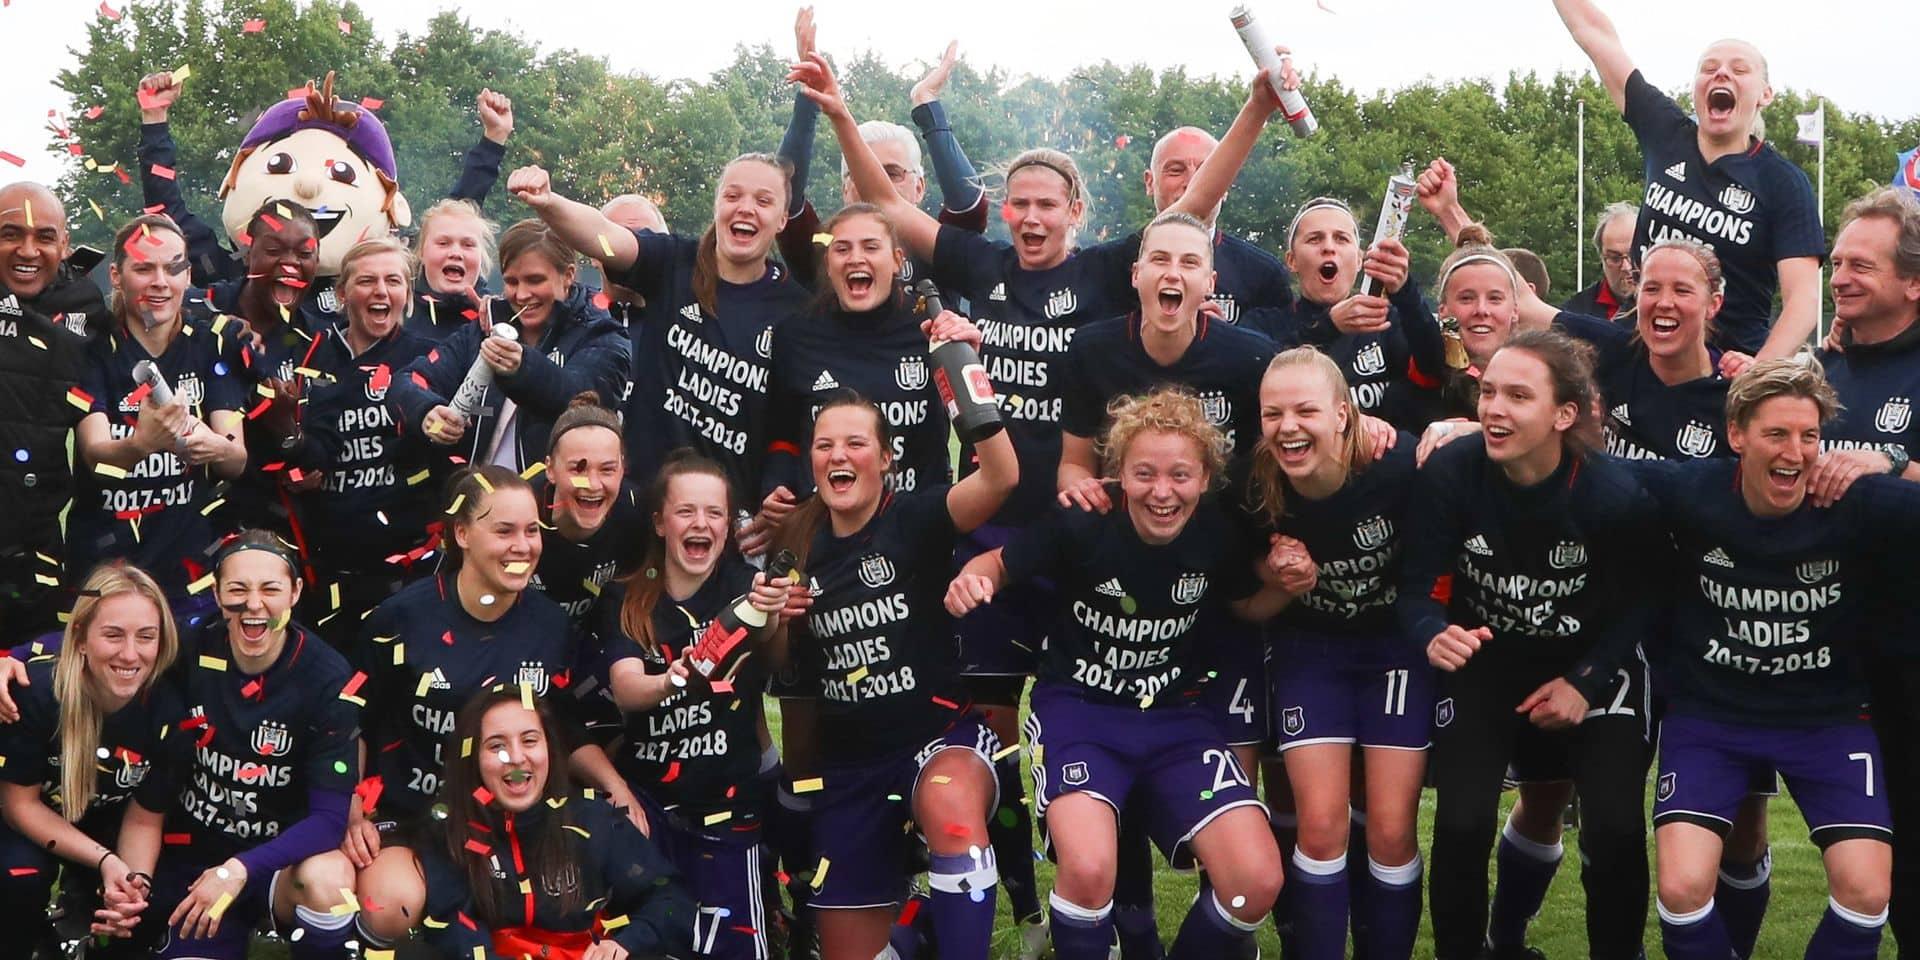 L'équipe féminine d'Anderlecht pourrait disparaître !